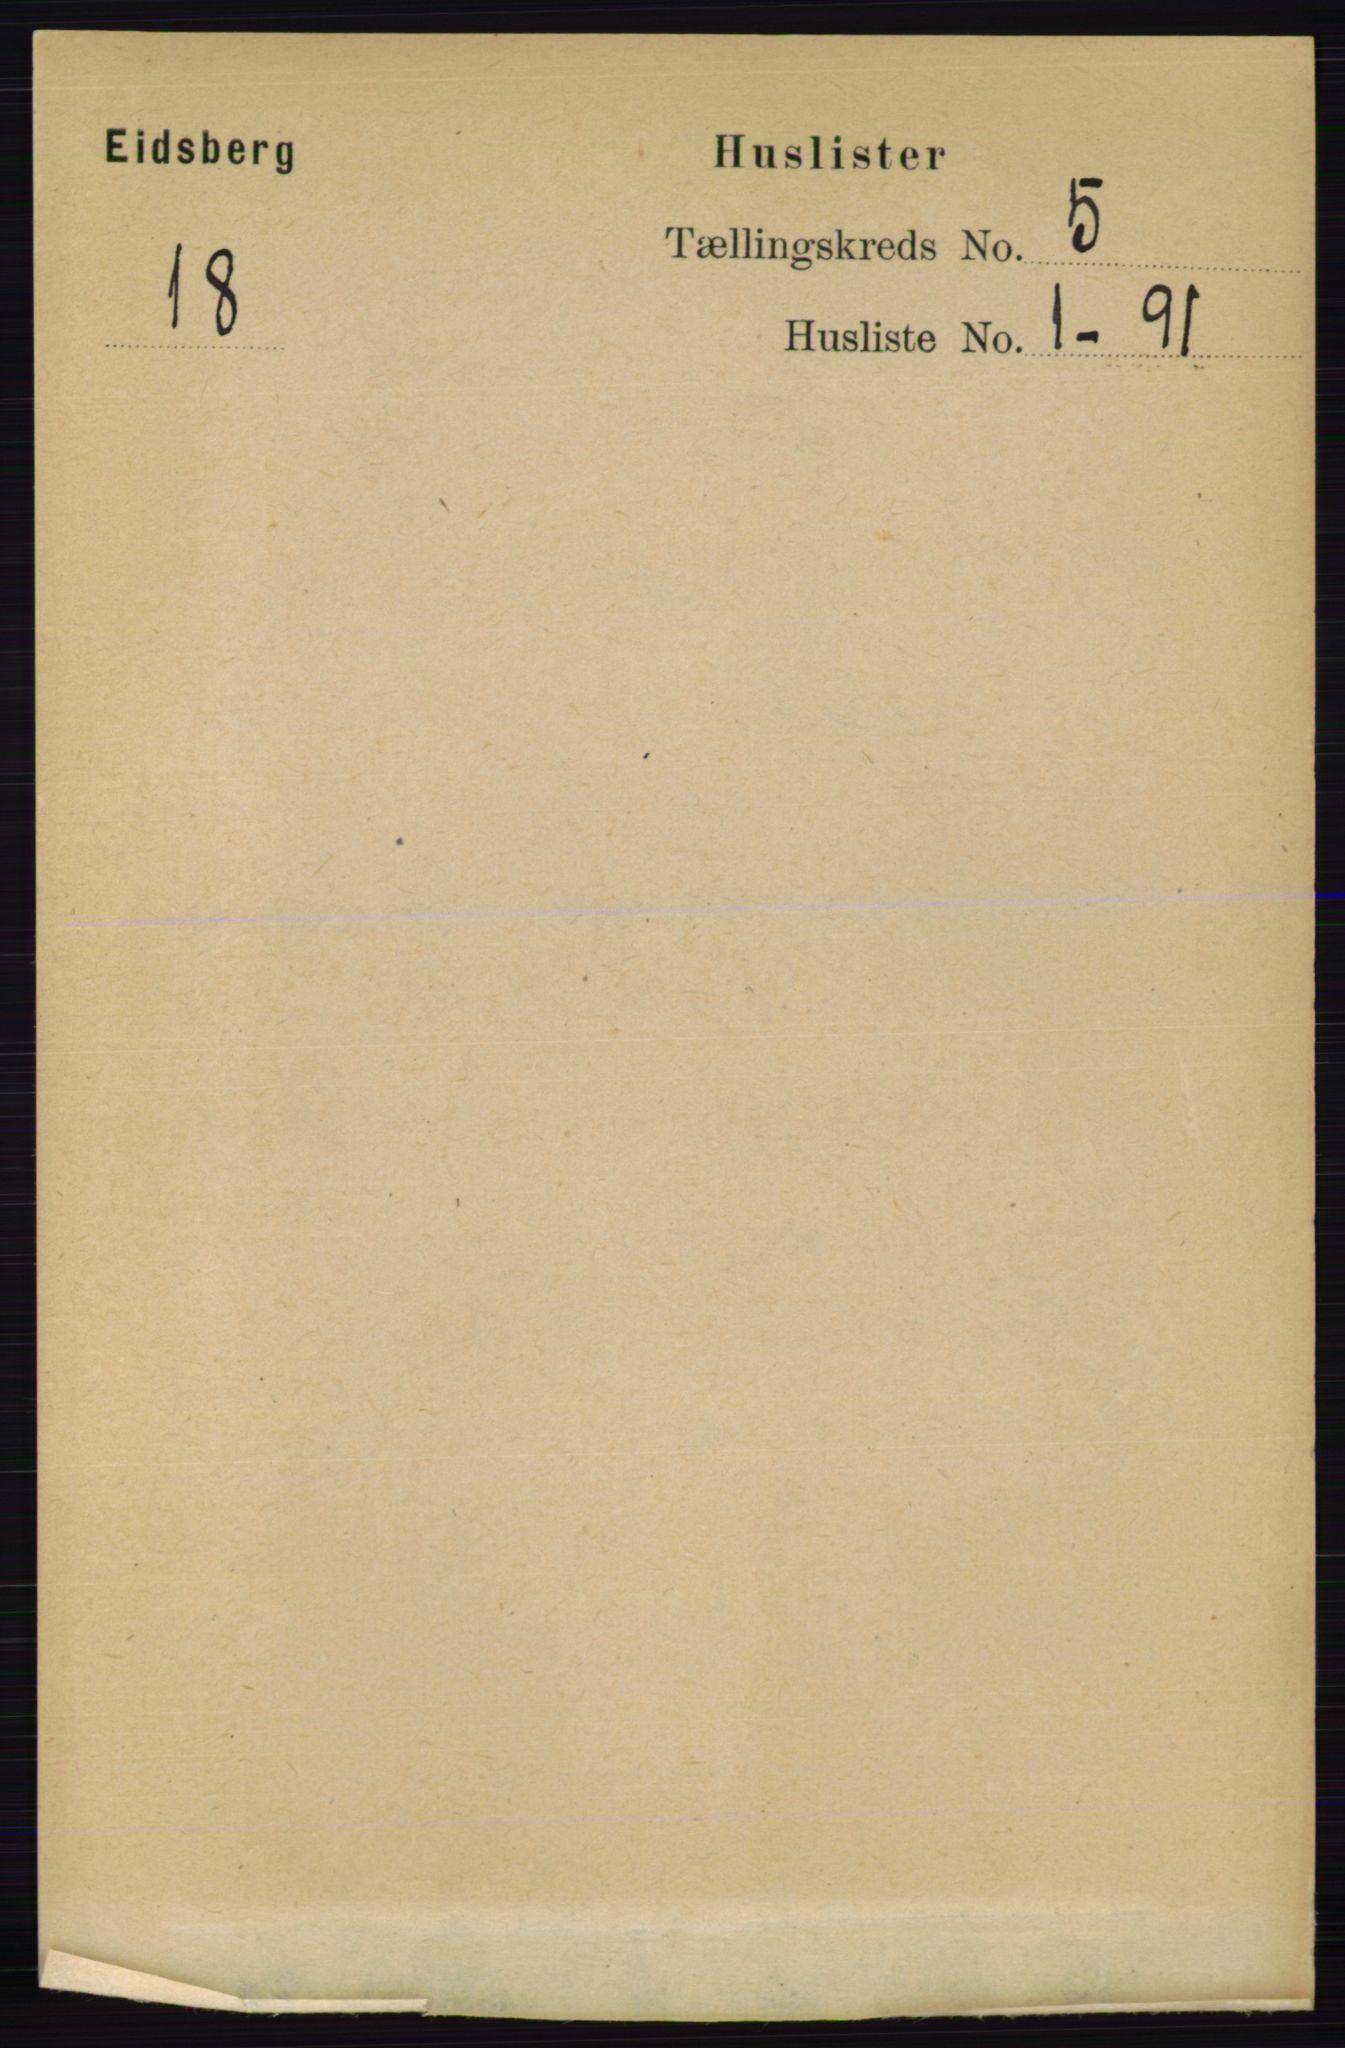 RA, Folketelling 1891 for 0125 Eidsberg herred, 1891, s. 2923